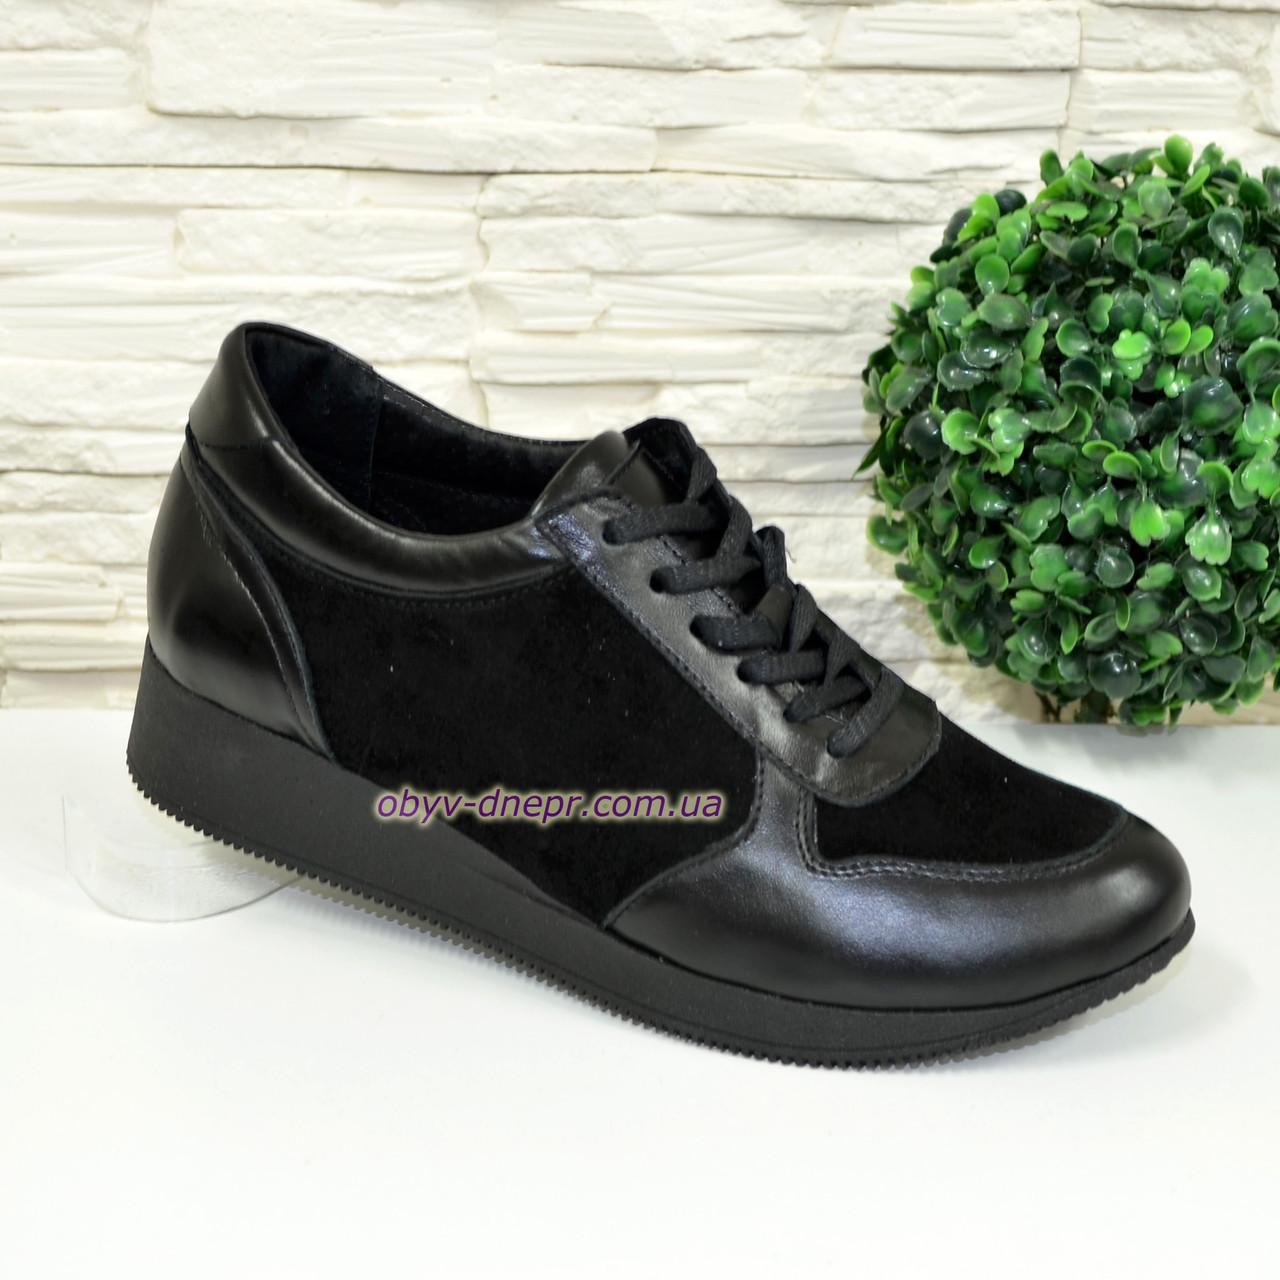 Стильные черные туфли-кроссовки женские на шнуровке